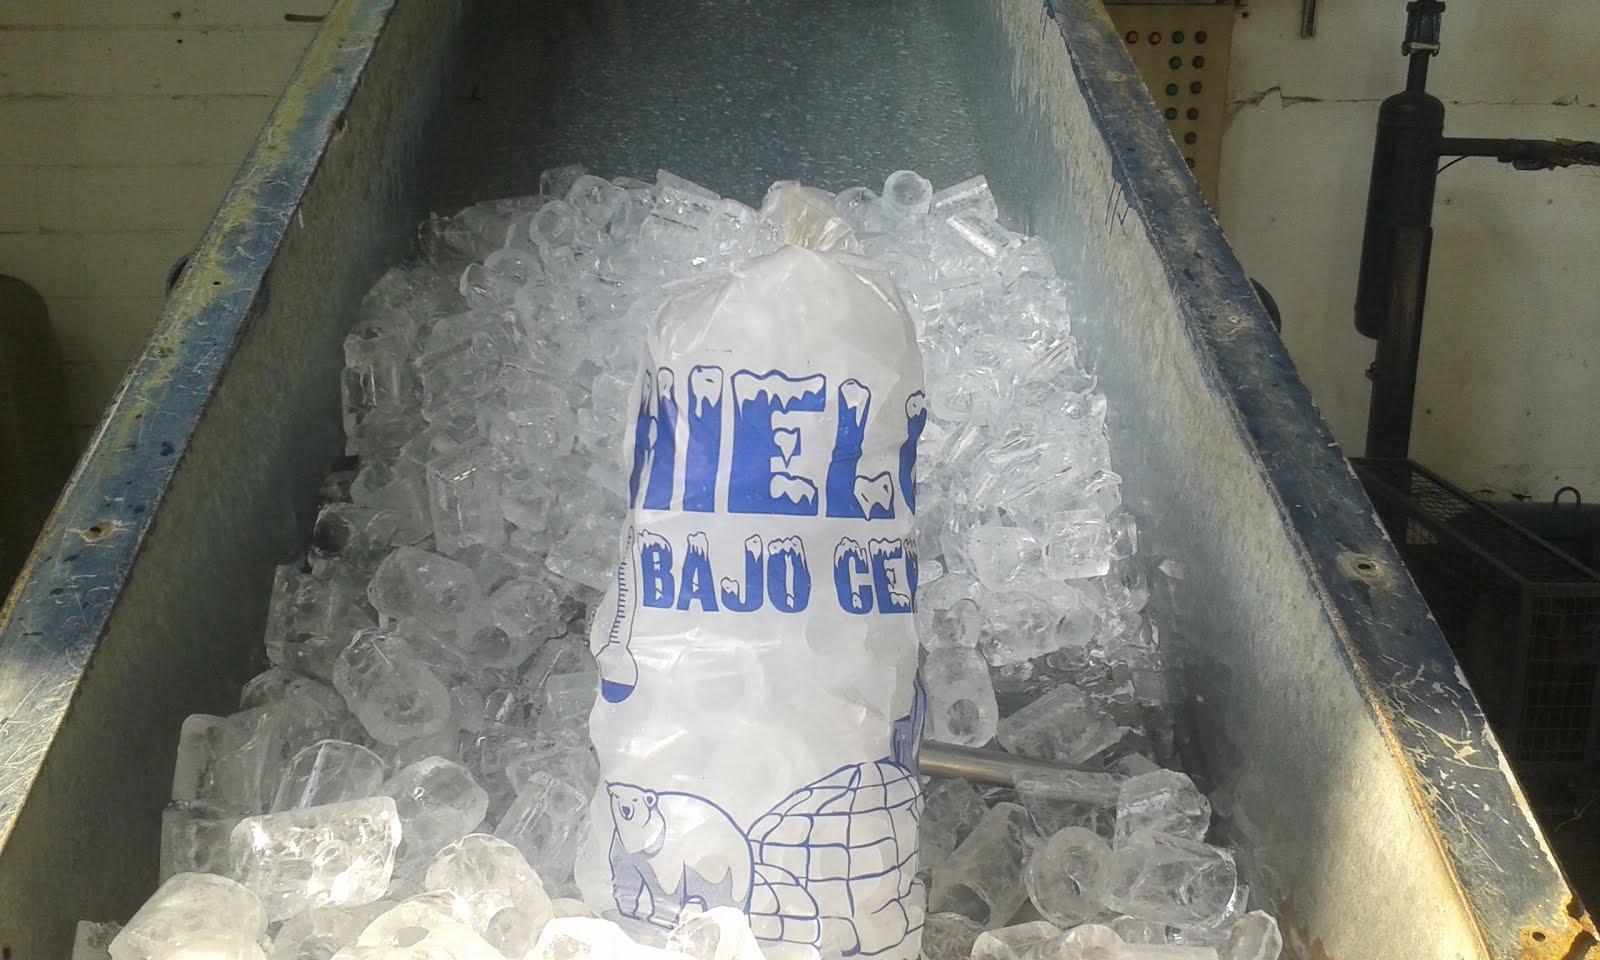 ¿Necesitas hielo y agua para ir a la playa? Te esperamos en la fábrica de hielo Bajo Cero